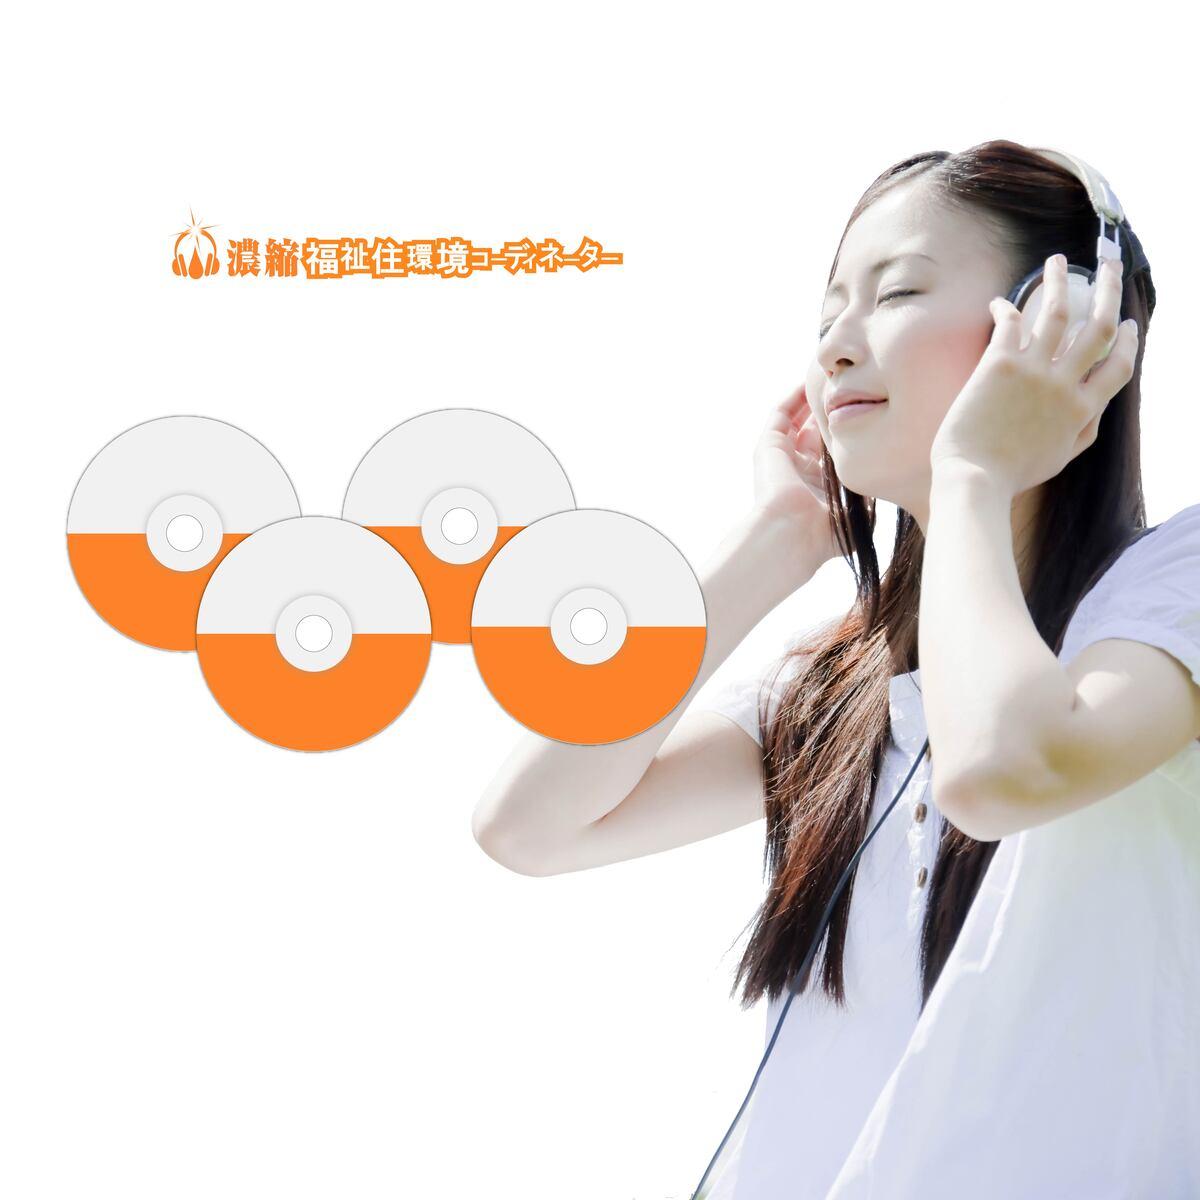 濃縮!福祉住環境コーディネーター 3・2級ダブル合格コース(要点CD+速聴CD)